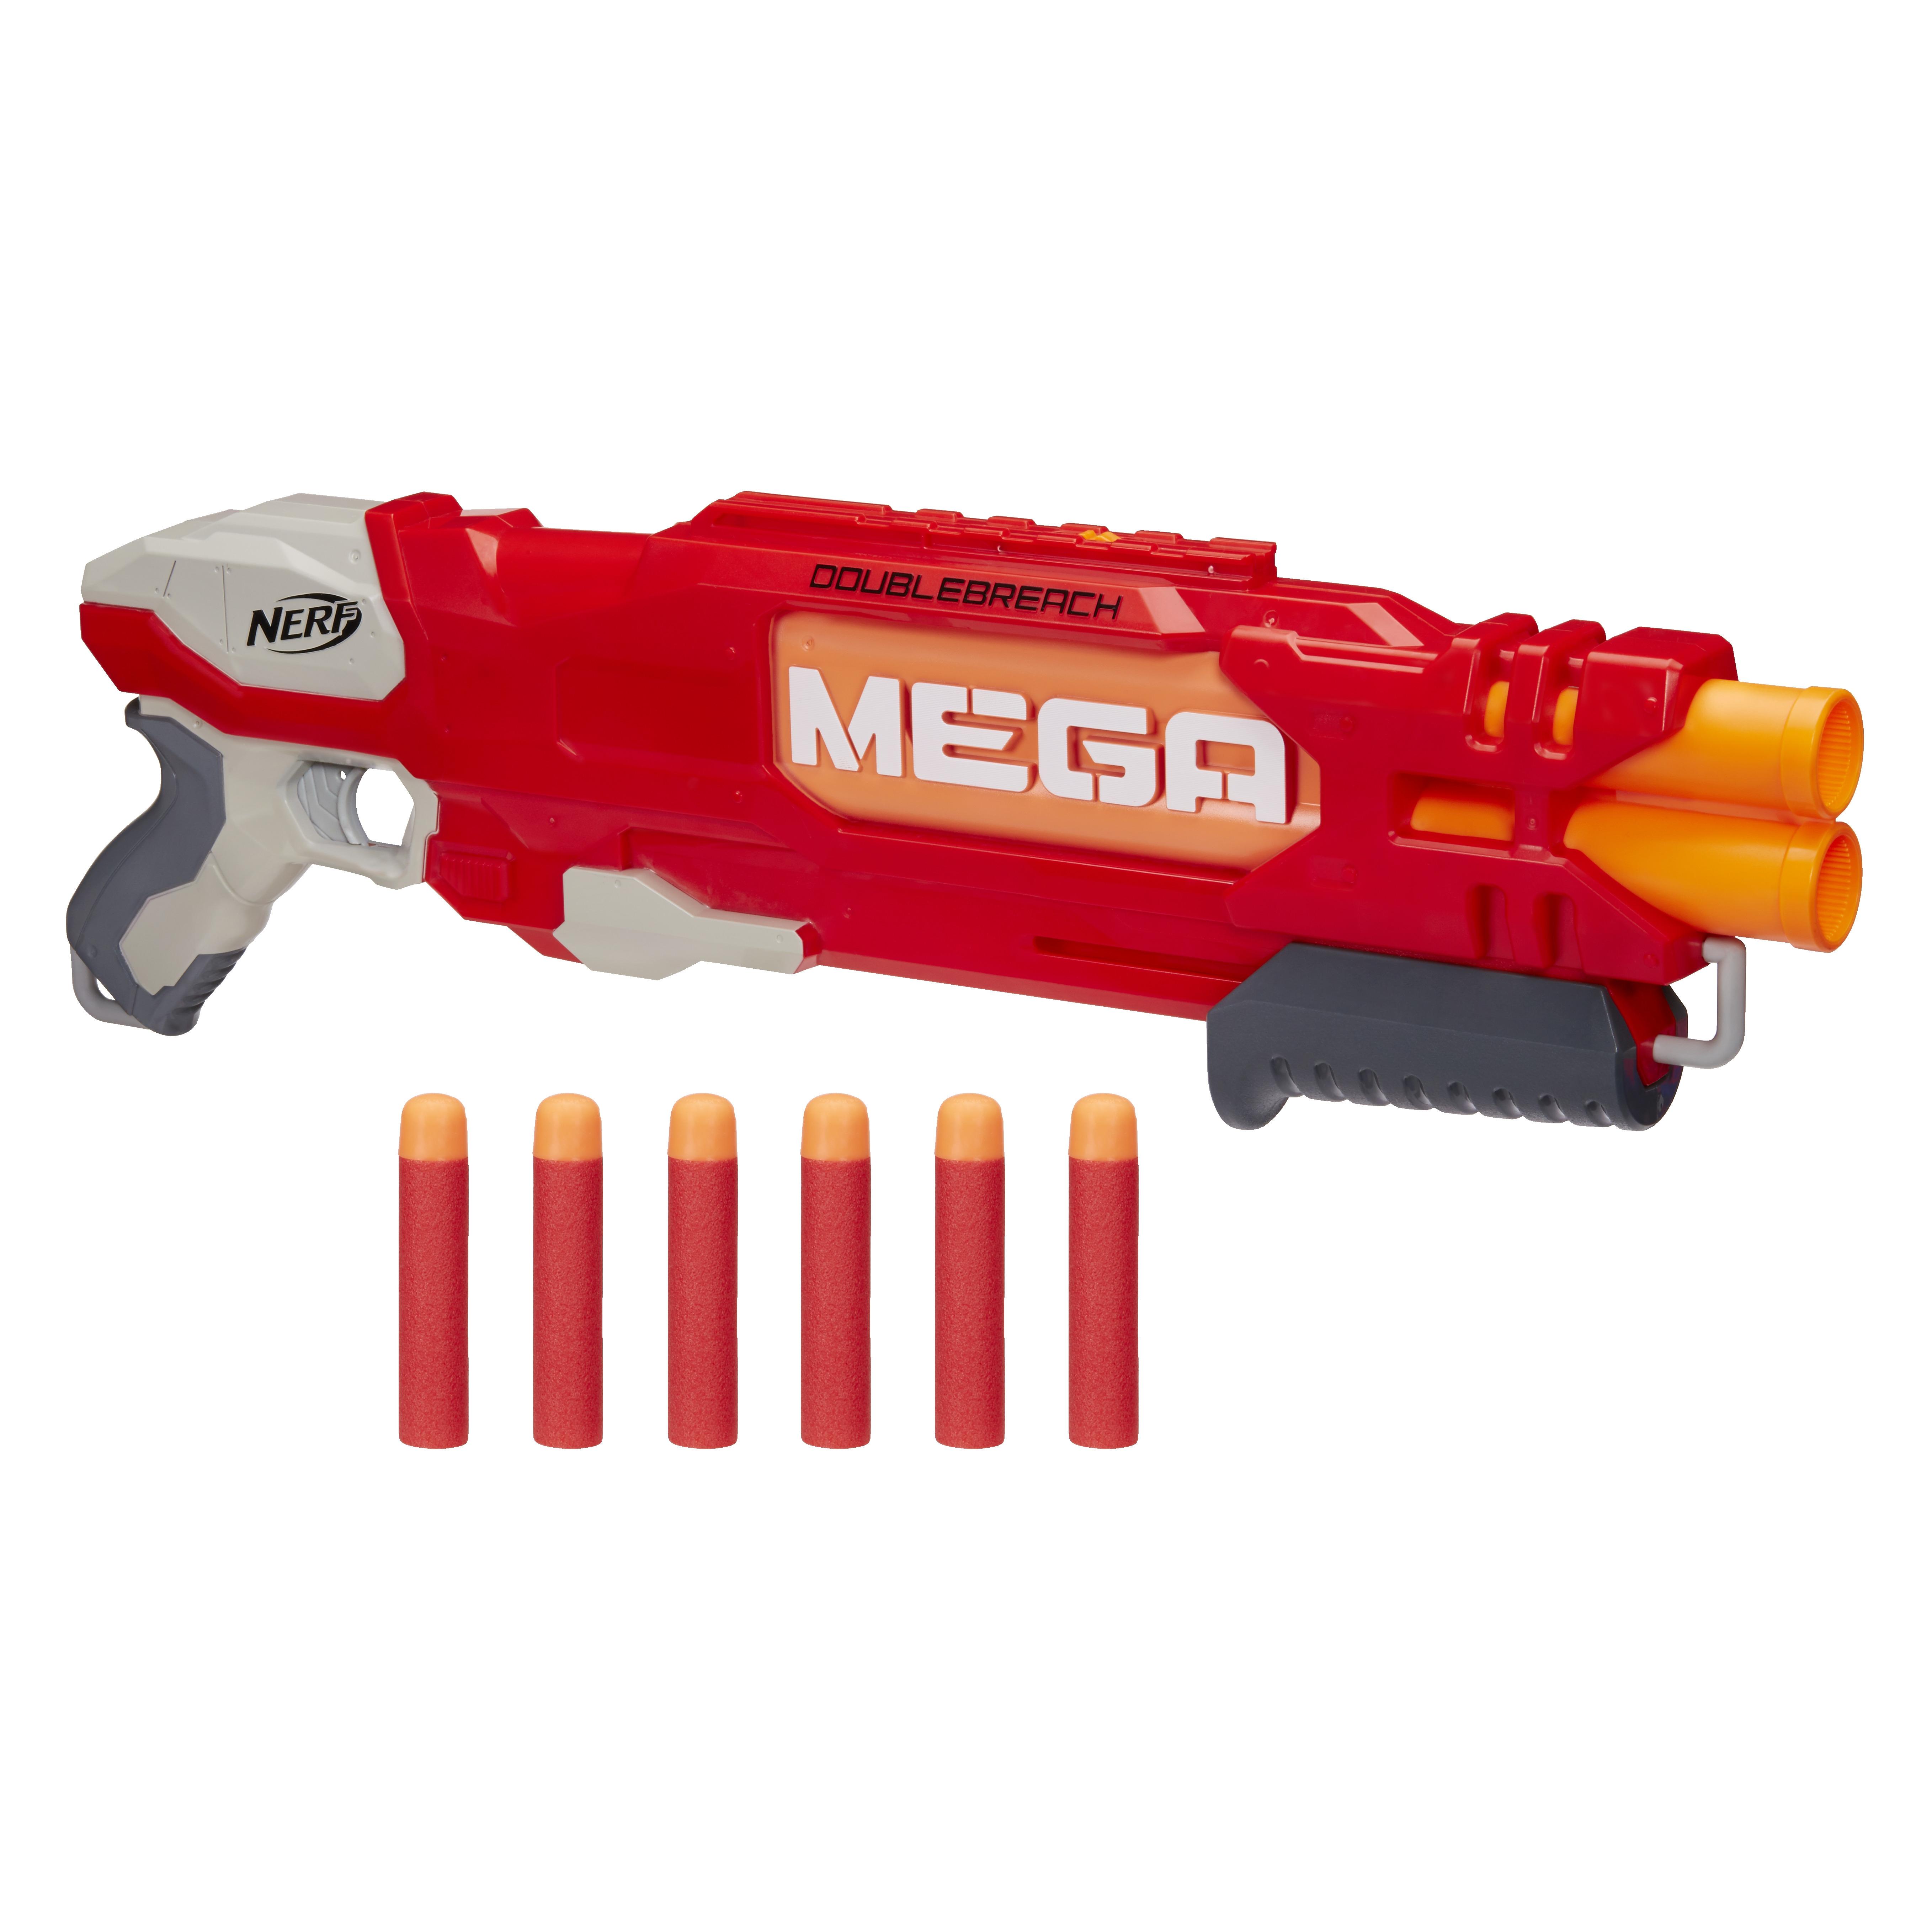 Бластеры NERF Даблбрич игрушечное оружие nerf hasbro мега бластер даблбрич